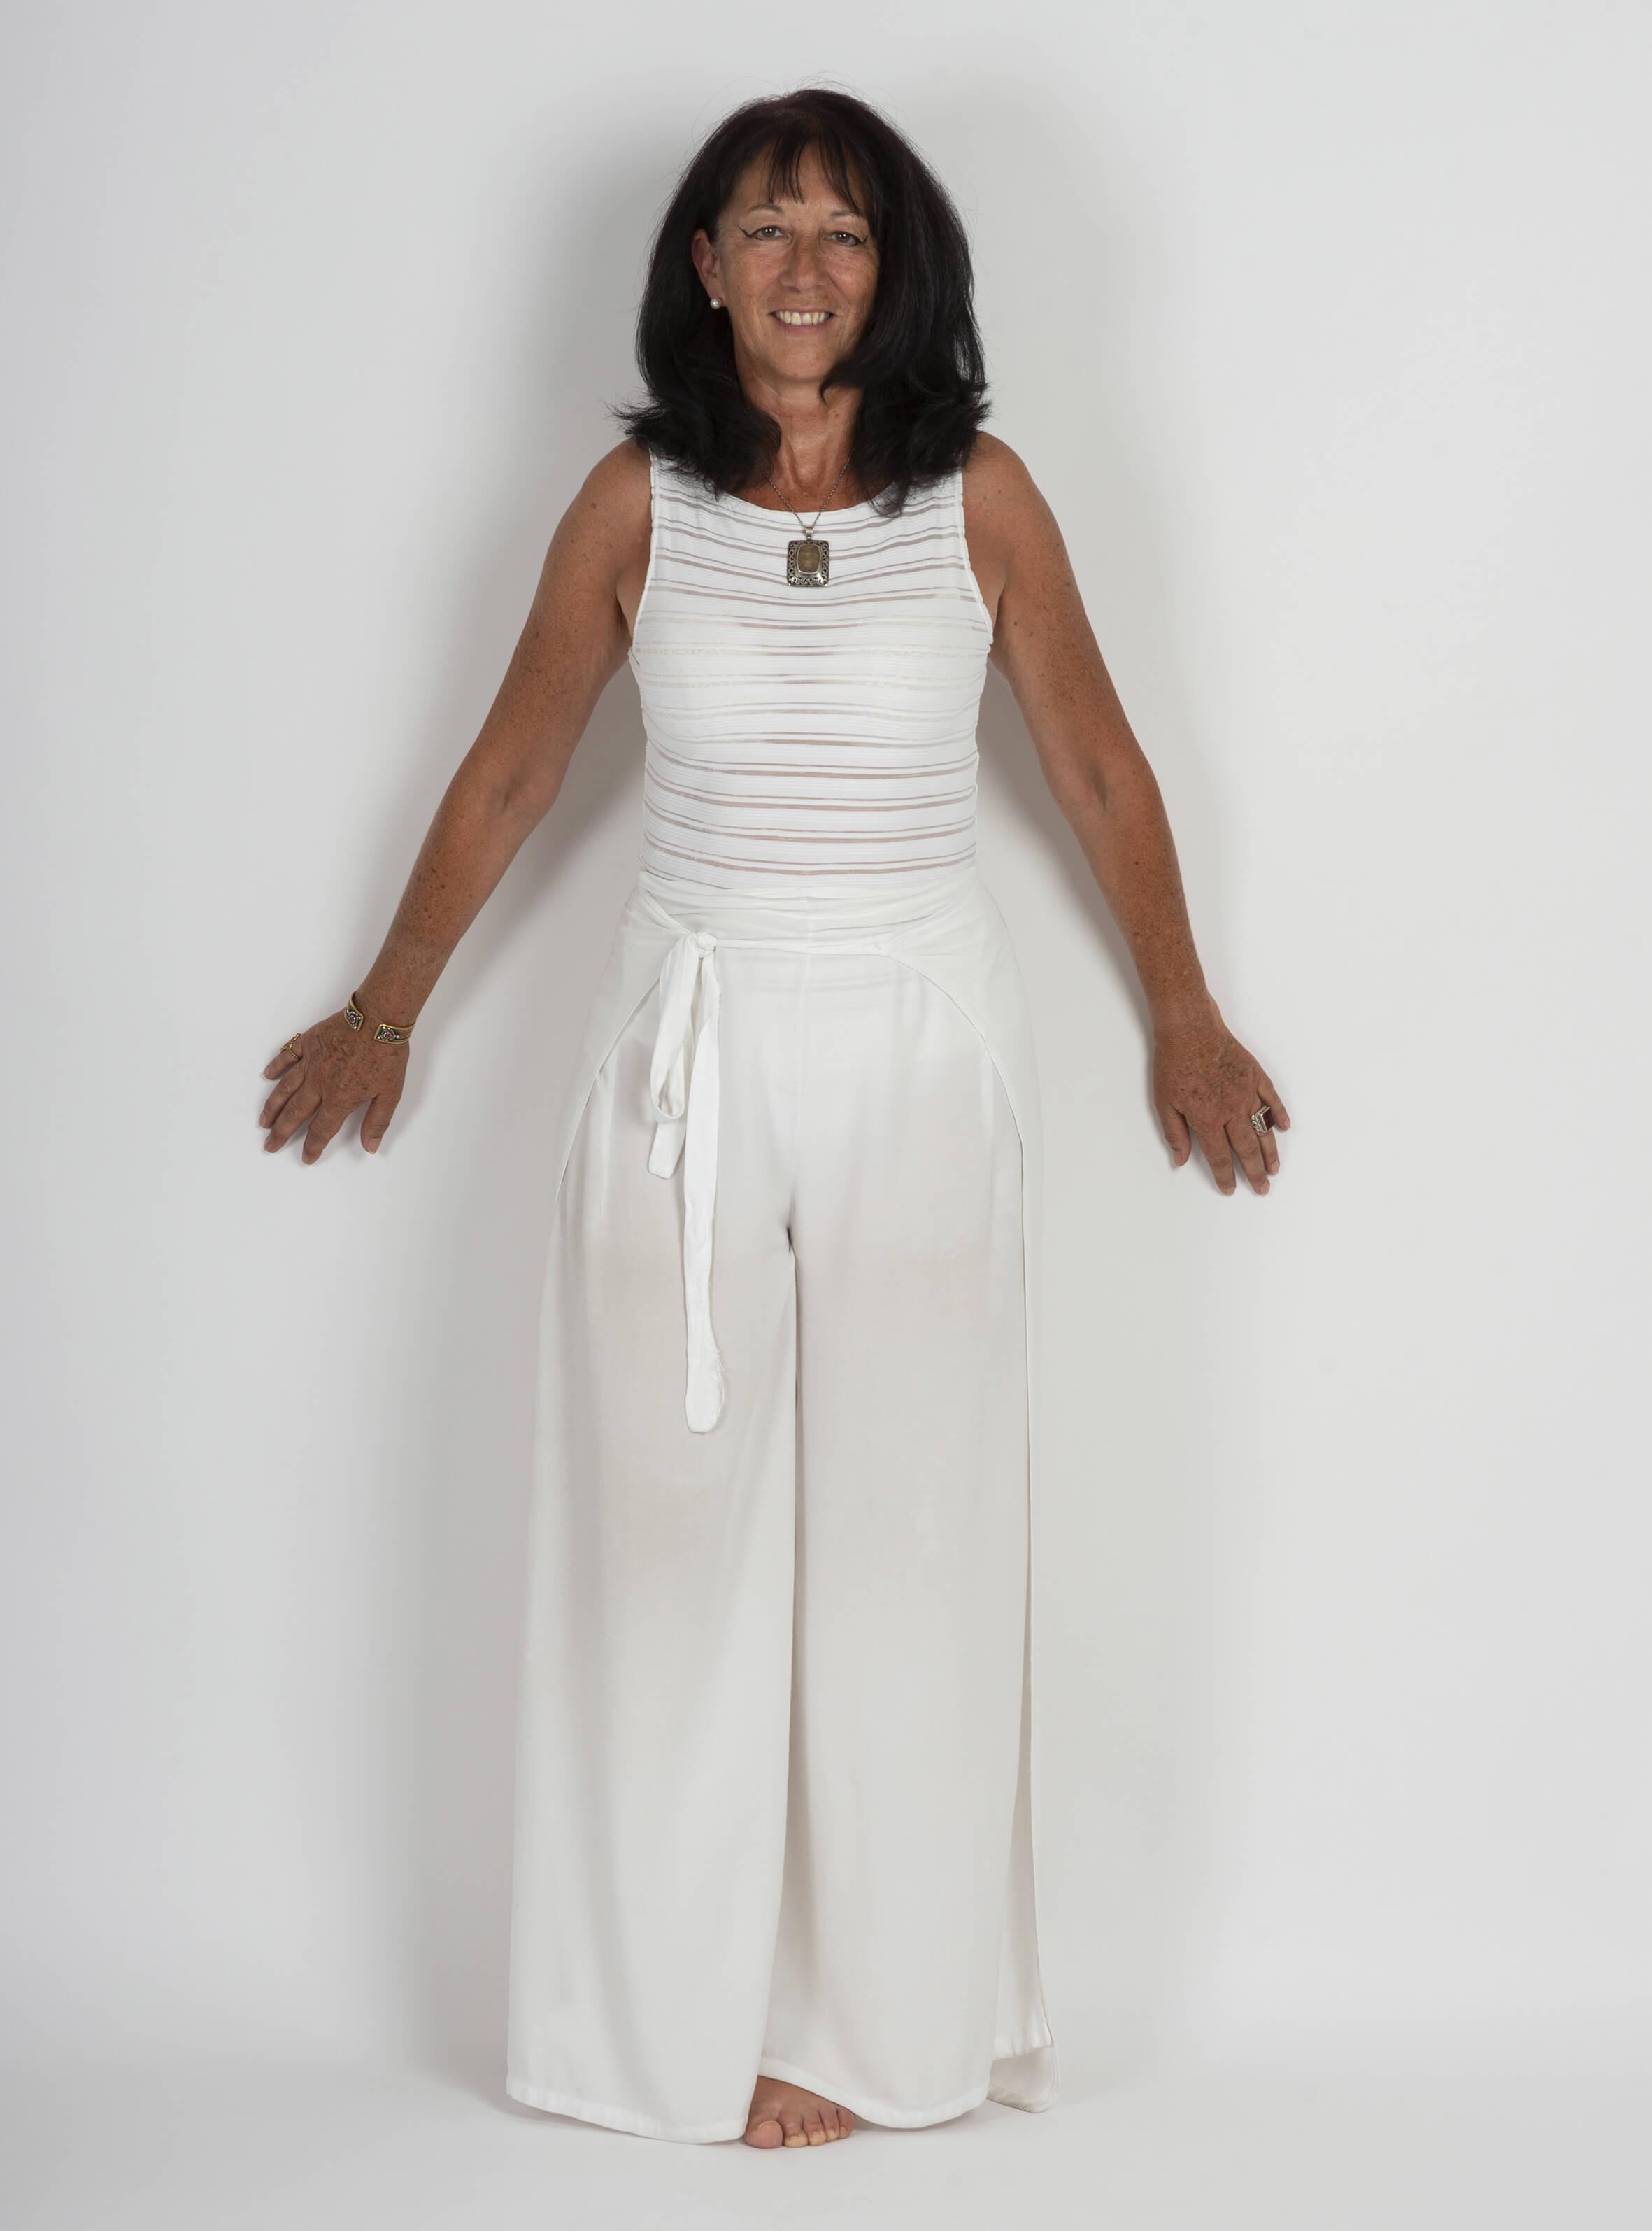 Véronique Hardy, enseignante de Yoga diplômée de la FNEY